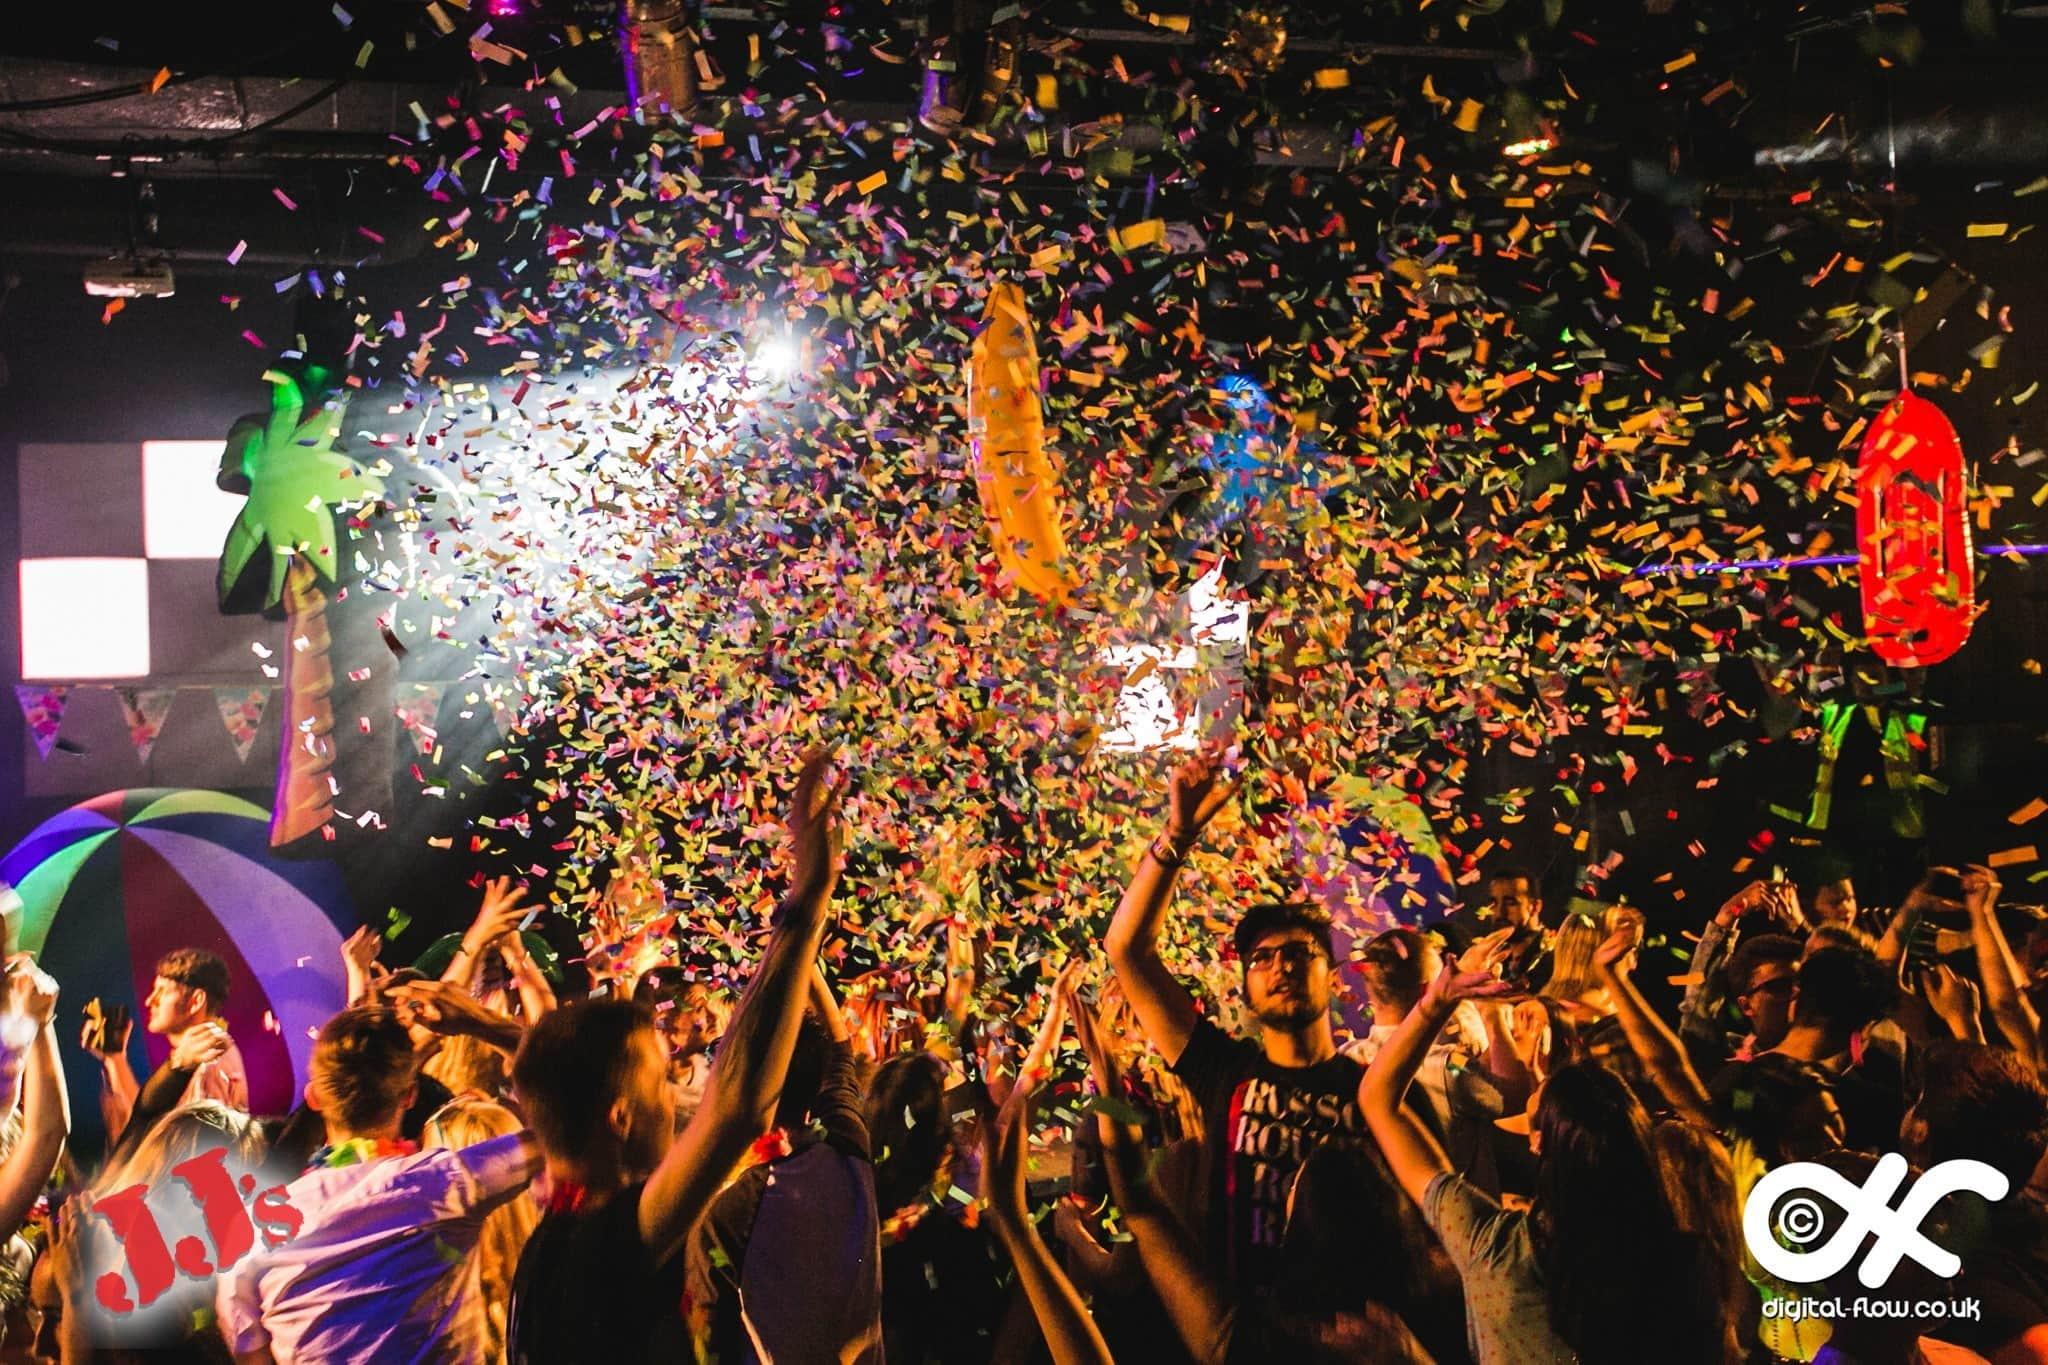 confetti cannon, giant confetti cannon, fetti, fetti blaster, fan powered confetti machine, confetti machine, confetti machine hire, giant confetti machine, large confetti machine, large confetti machine hire.